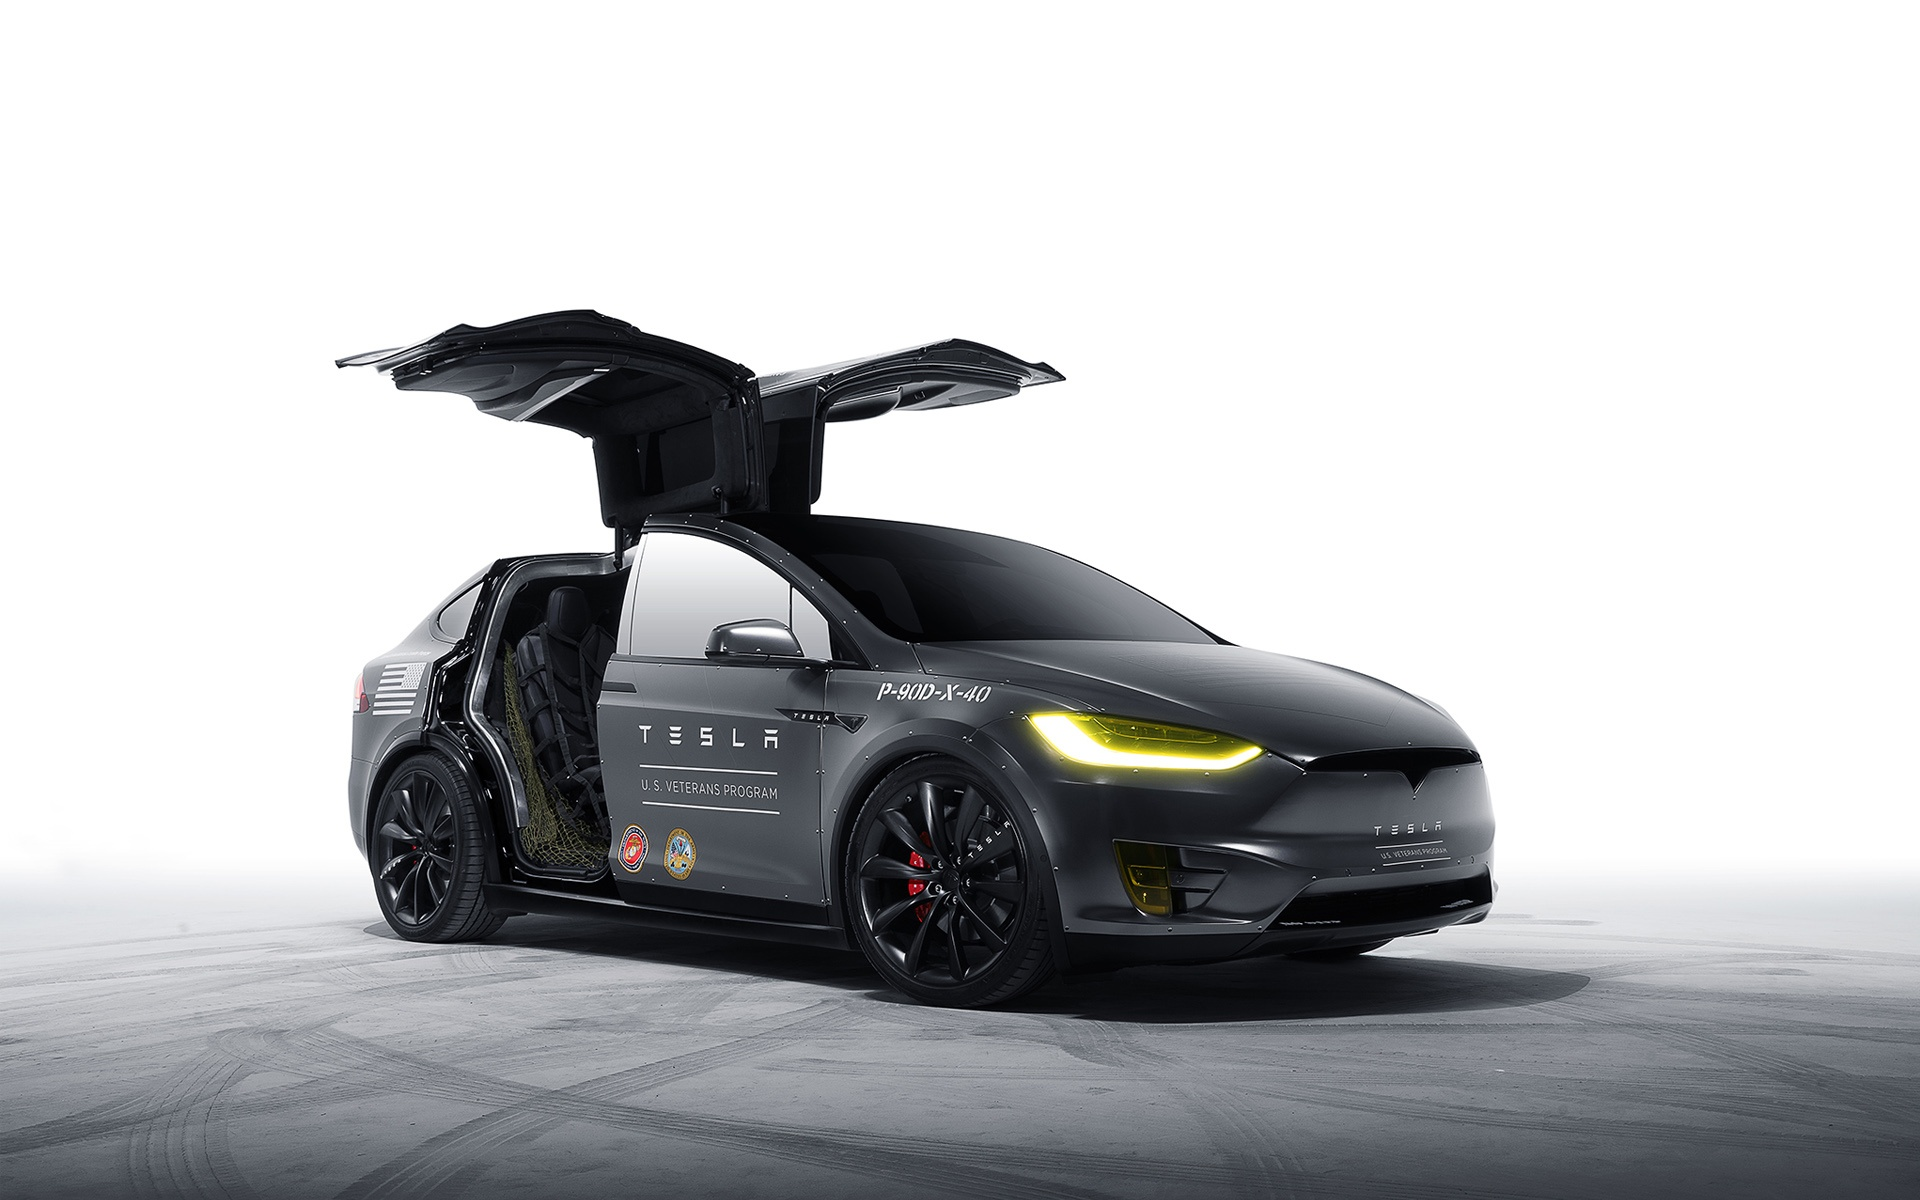 48 Tesla Motors Wallpaper On Wallpapersafari